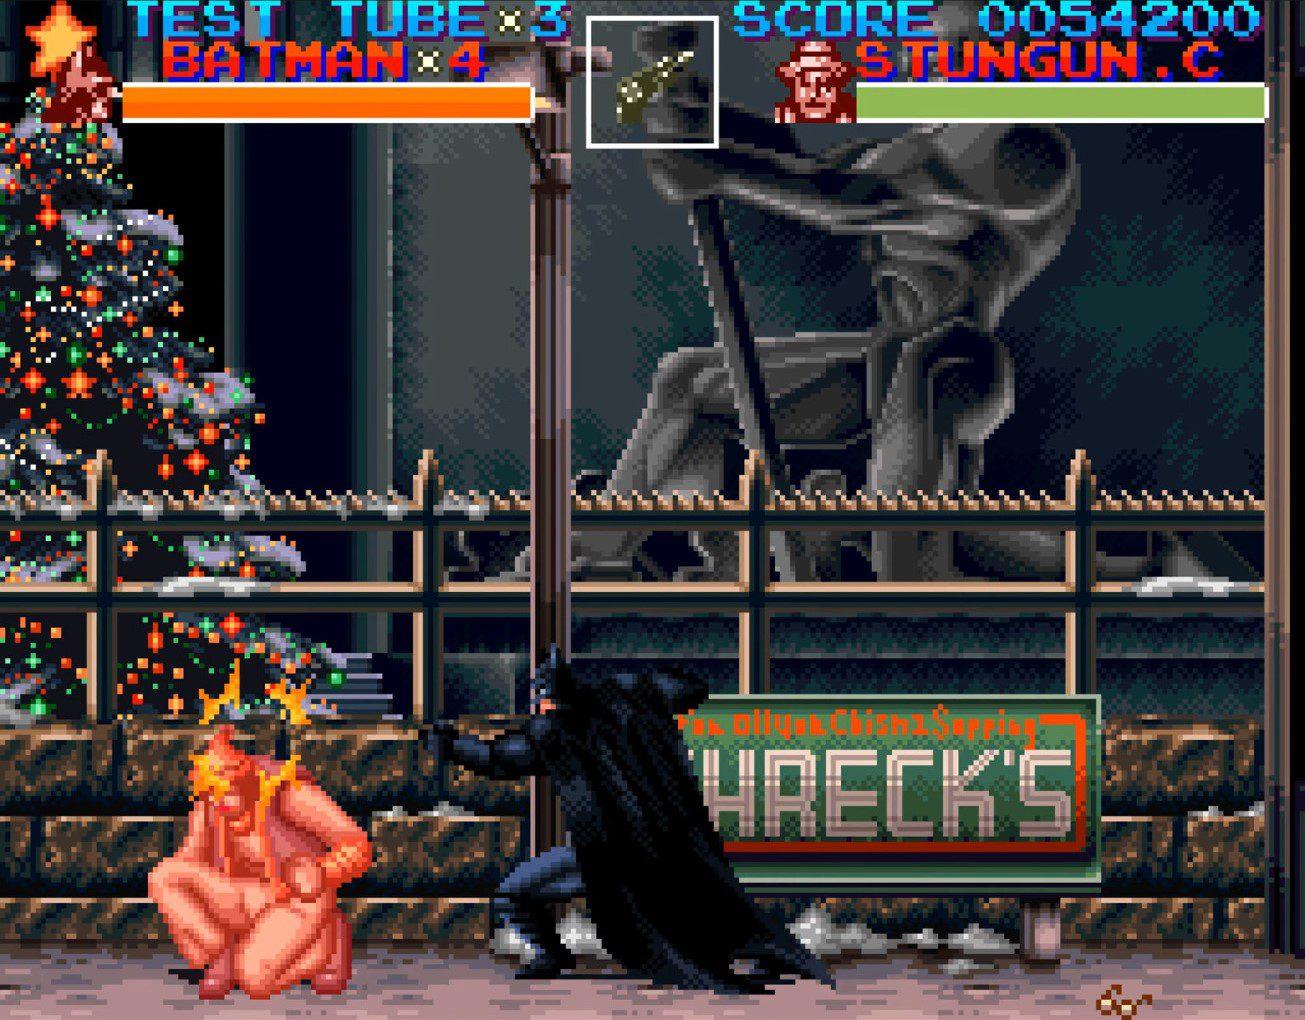 Batman Returns Boss